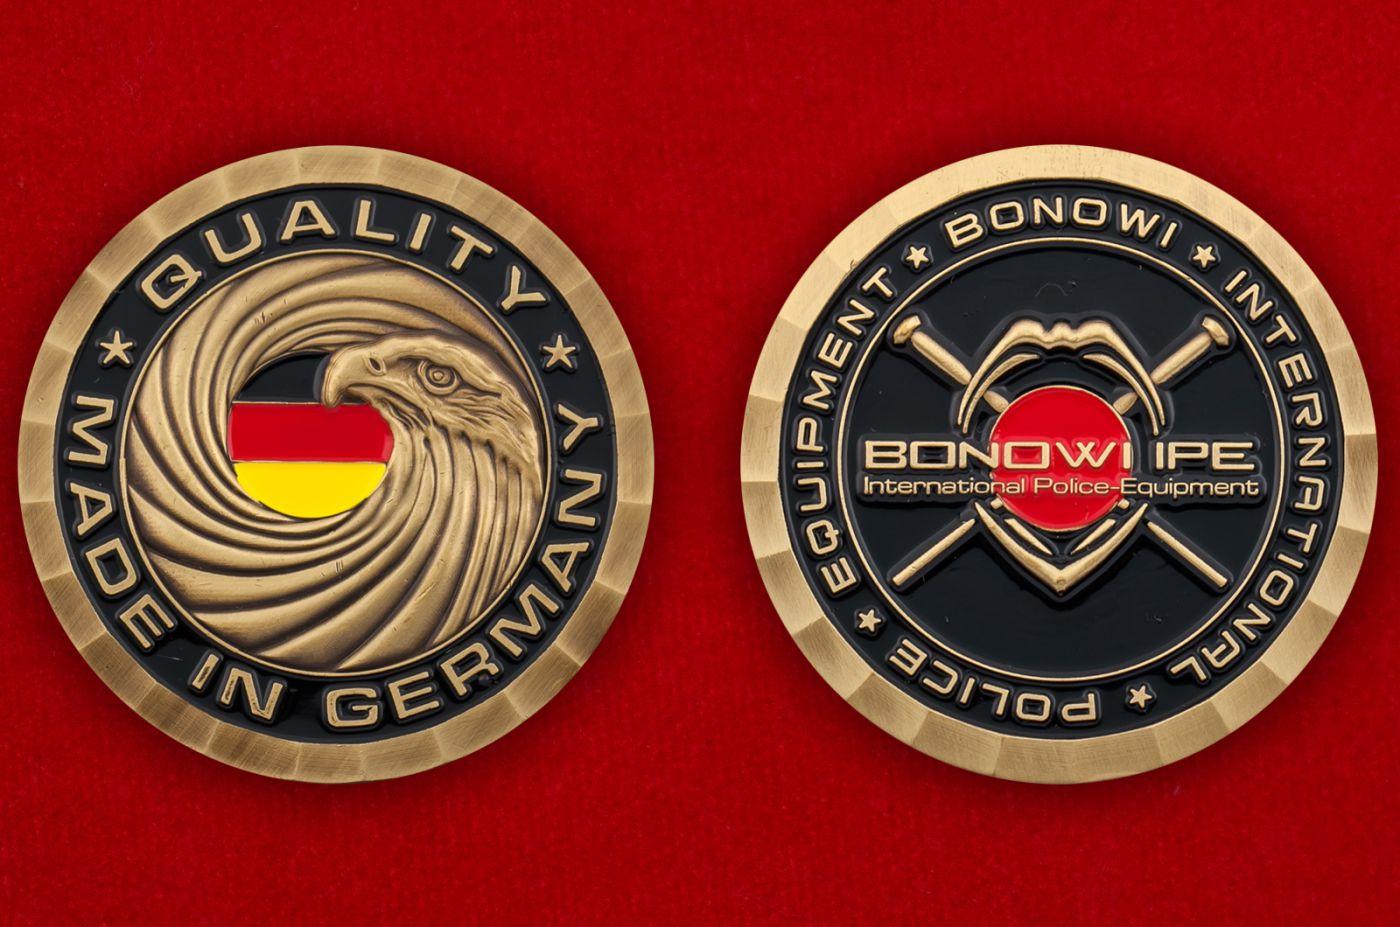 Челлендж коин компании-производителя полицейского оборудования Bonowi IPE - аверс и реверс